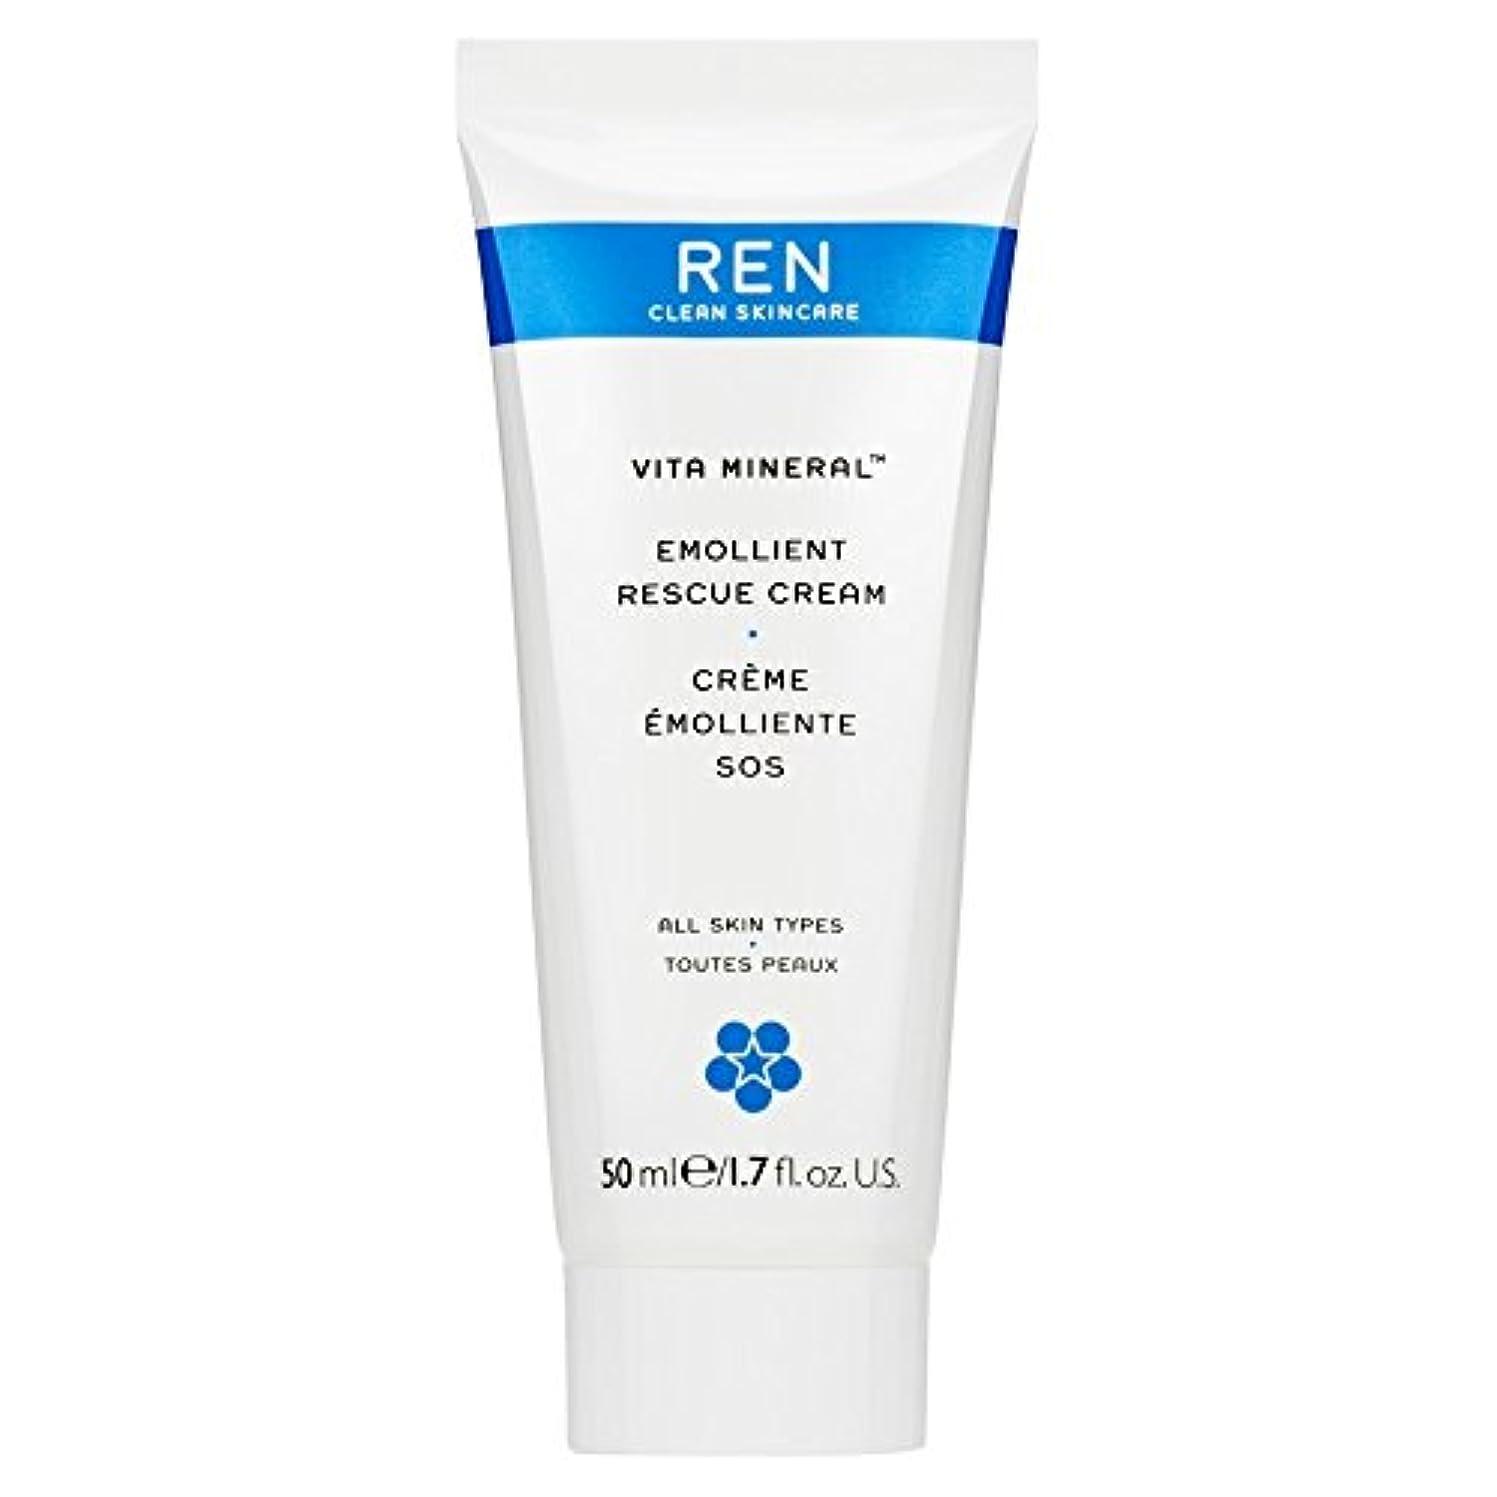 蓋医療過誤キャンベラRenヴィータミネラルレスキュークリーム、50ミリリットル (REN) (x2) - REN Vita Mineral Rescue Cream, 50ml (Pack of 2) [並行輸入品]